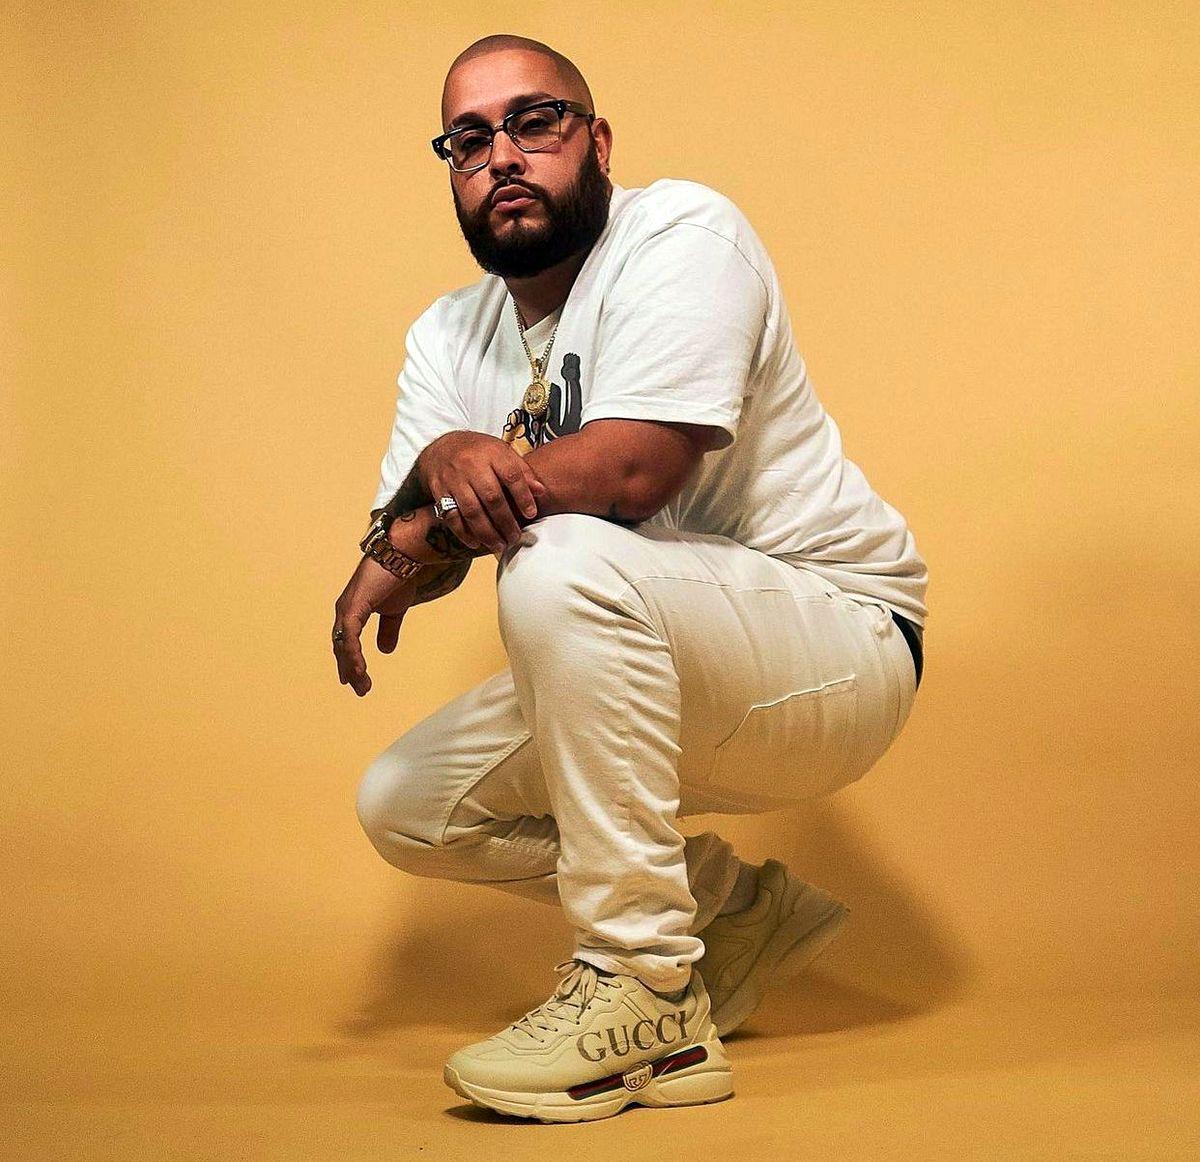 """DJ Chulo, el artista neoyorquino prepara su nuevo lanzamiento """"Se me va el brillo"""""""